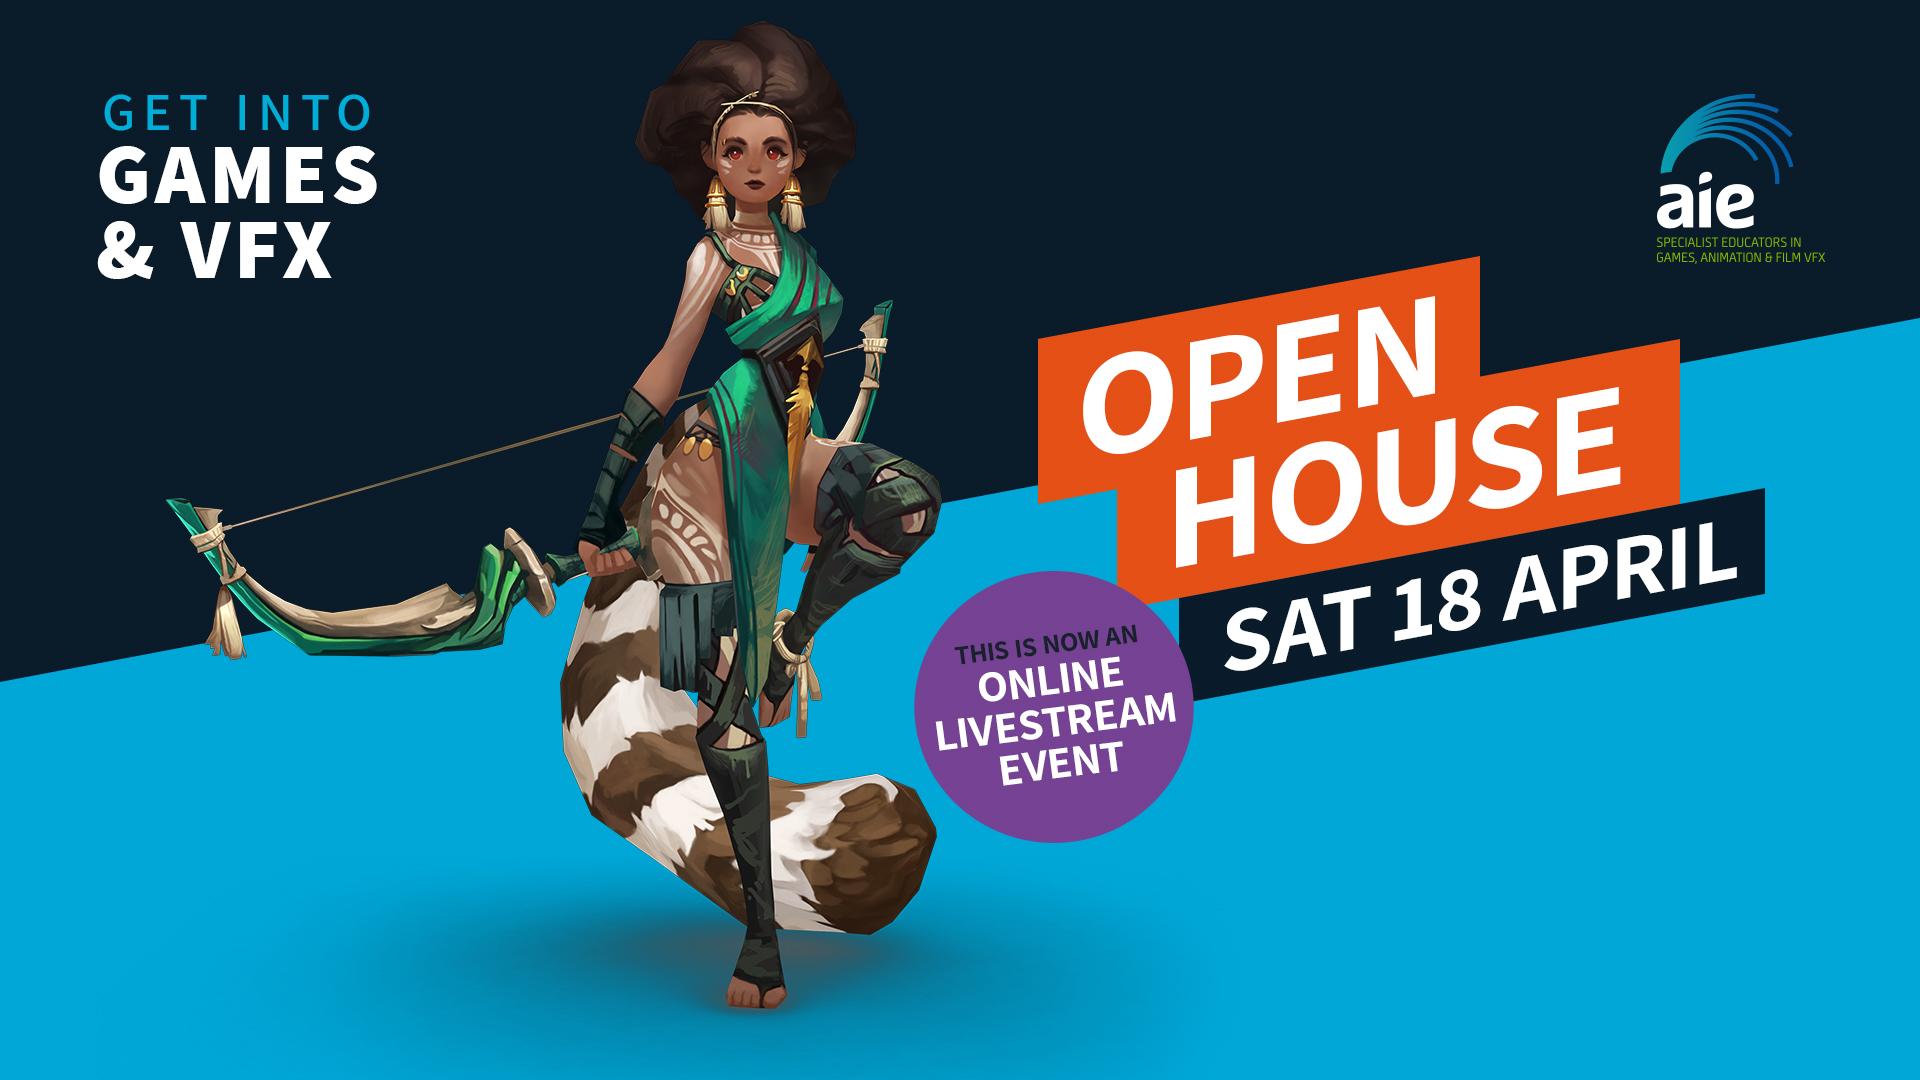 AIE Open House Square Image | April 2020 Now Online